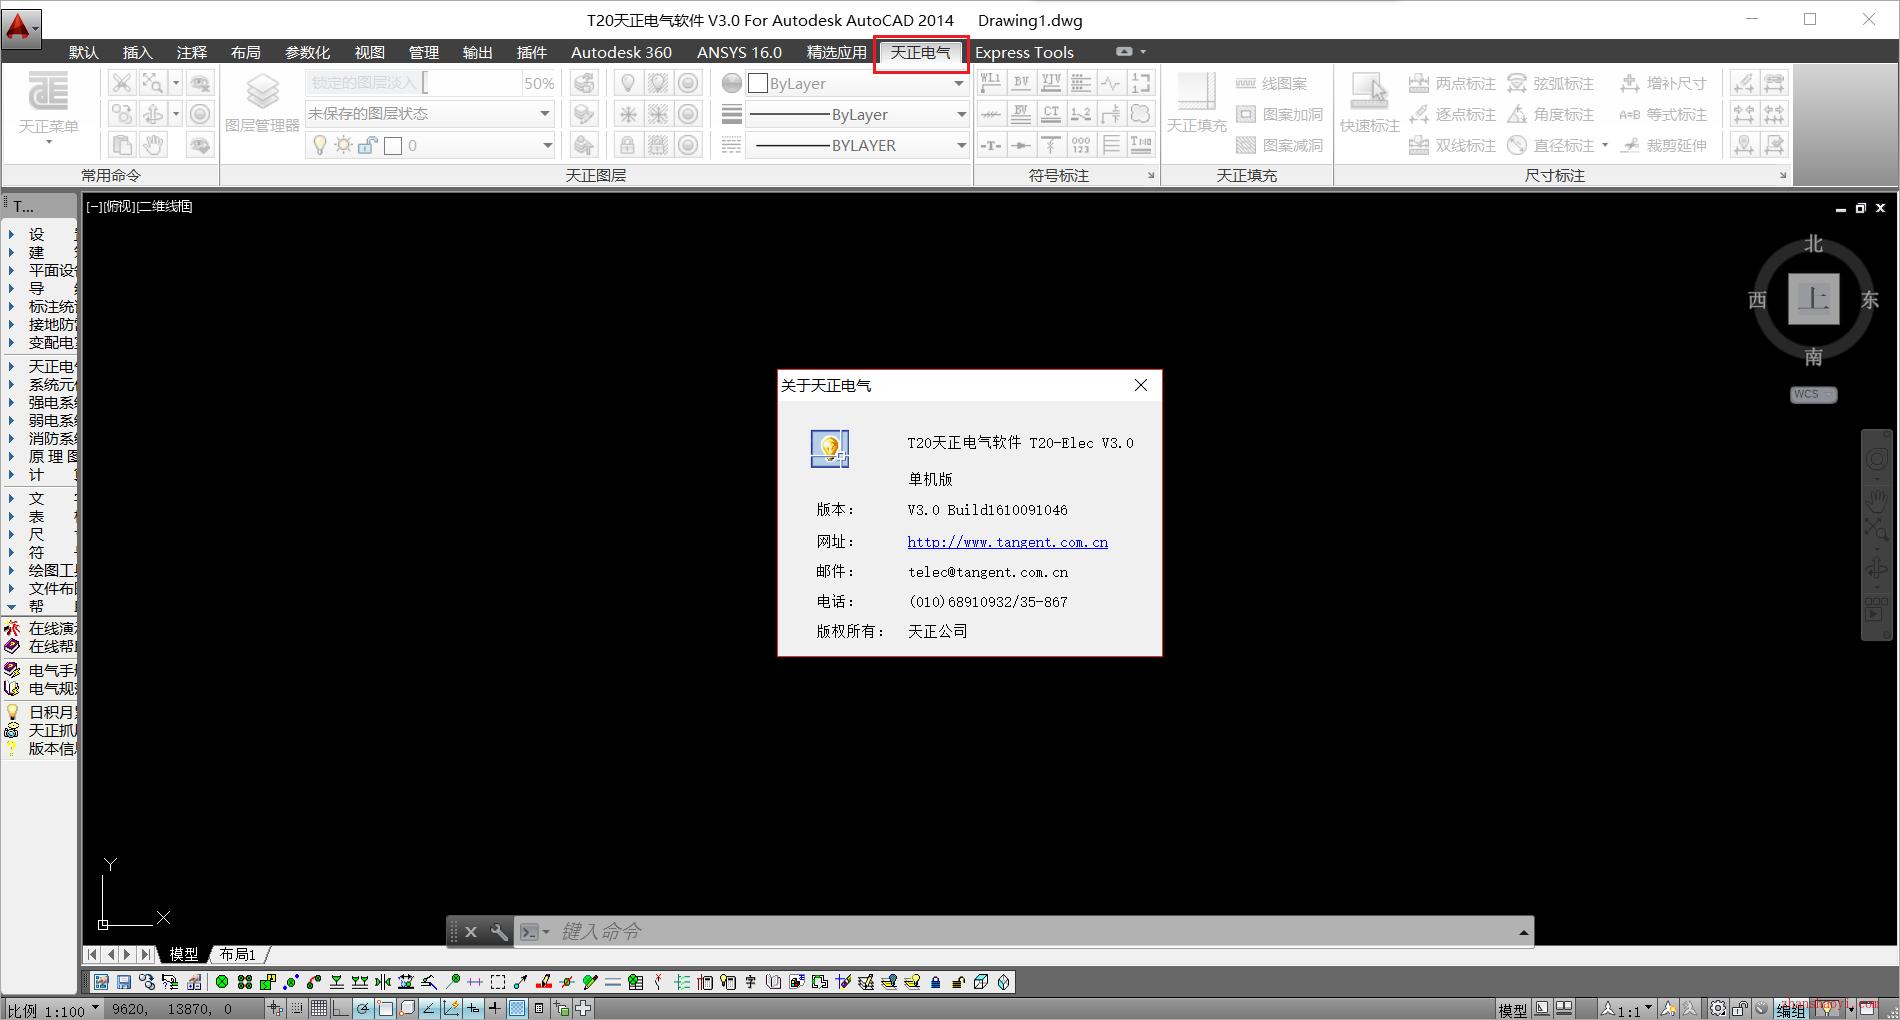 天正电气T20V3.0破解版下载|兼容WIN10